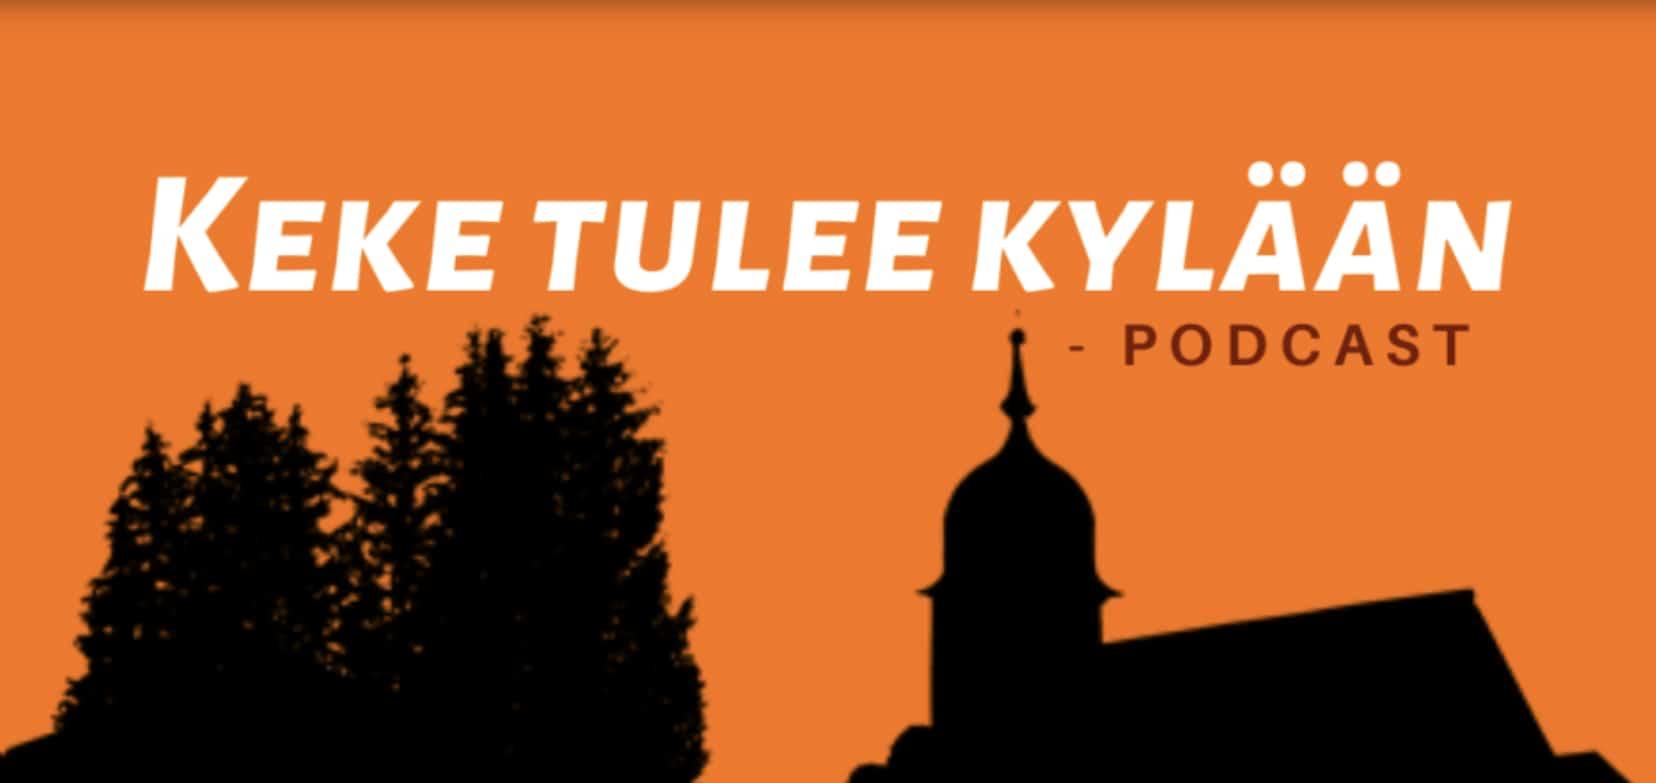 Varsinais-Suomen Kylät aloitti oman podcastin!